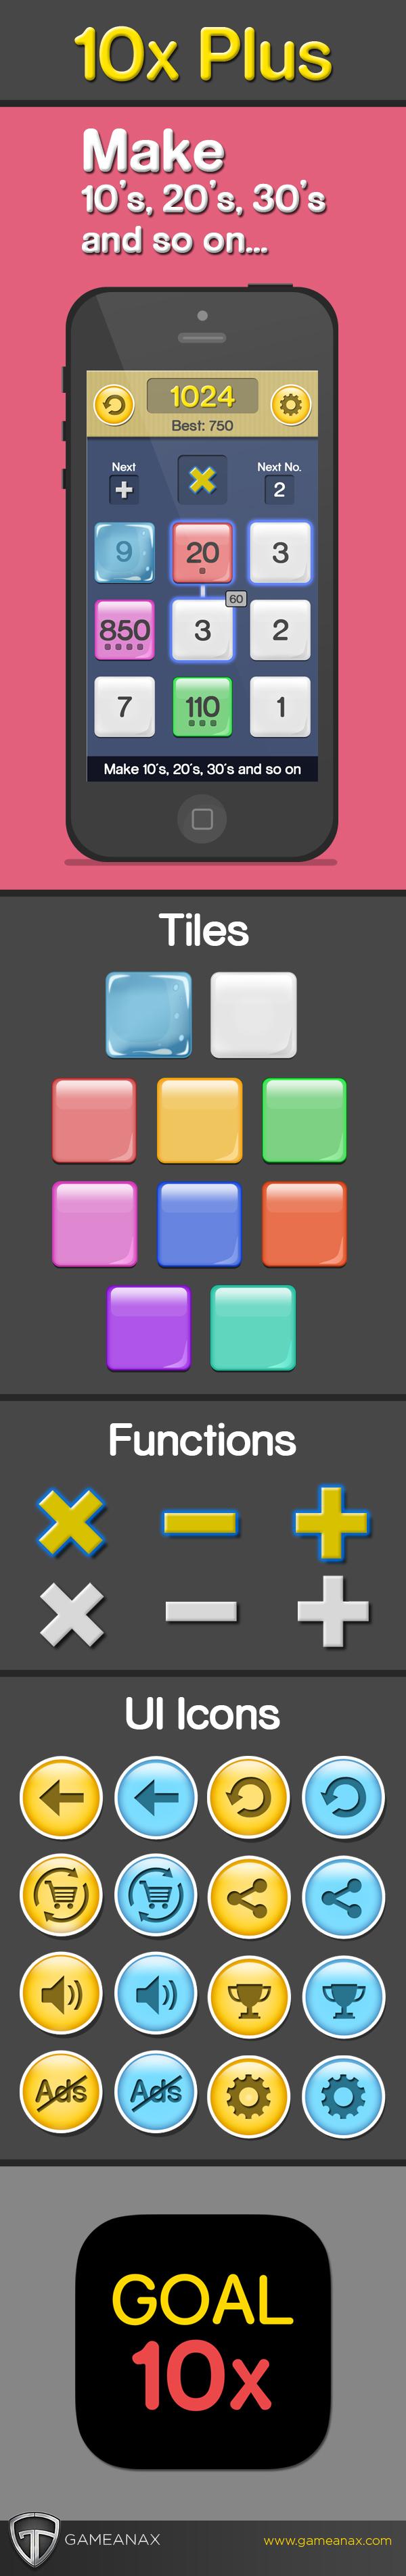 mobile gaming UI ux Gaming Games iphone iPad